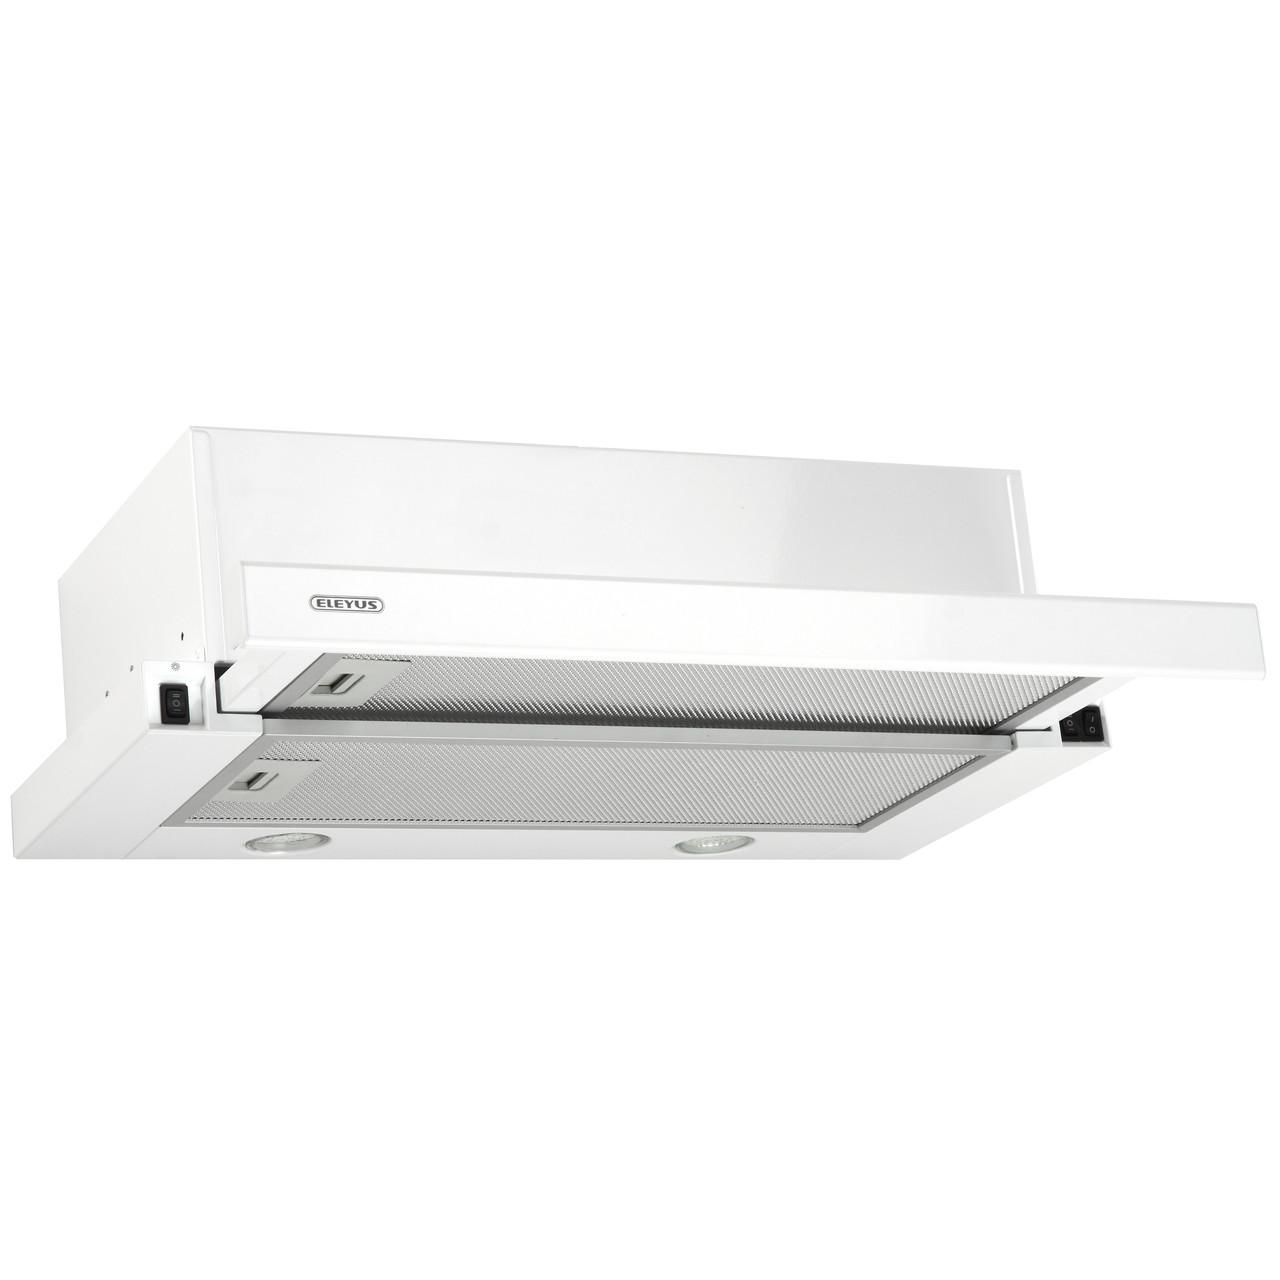 Витяжка кухонна ELEYUS Storm 700 LED SMD 60 WH